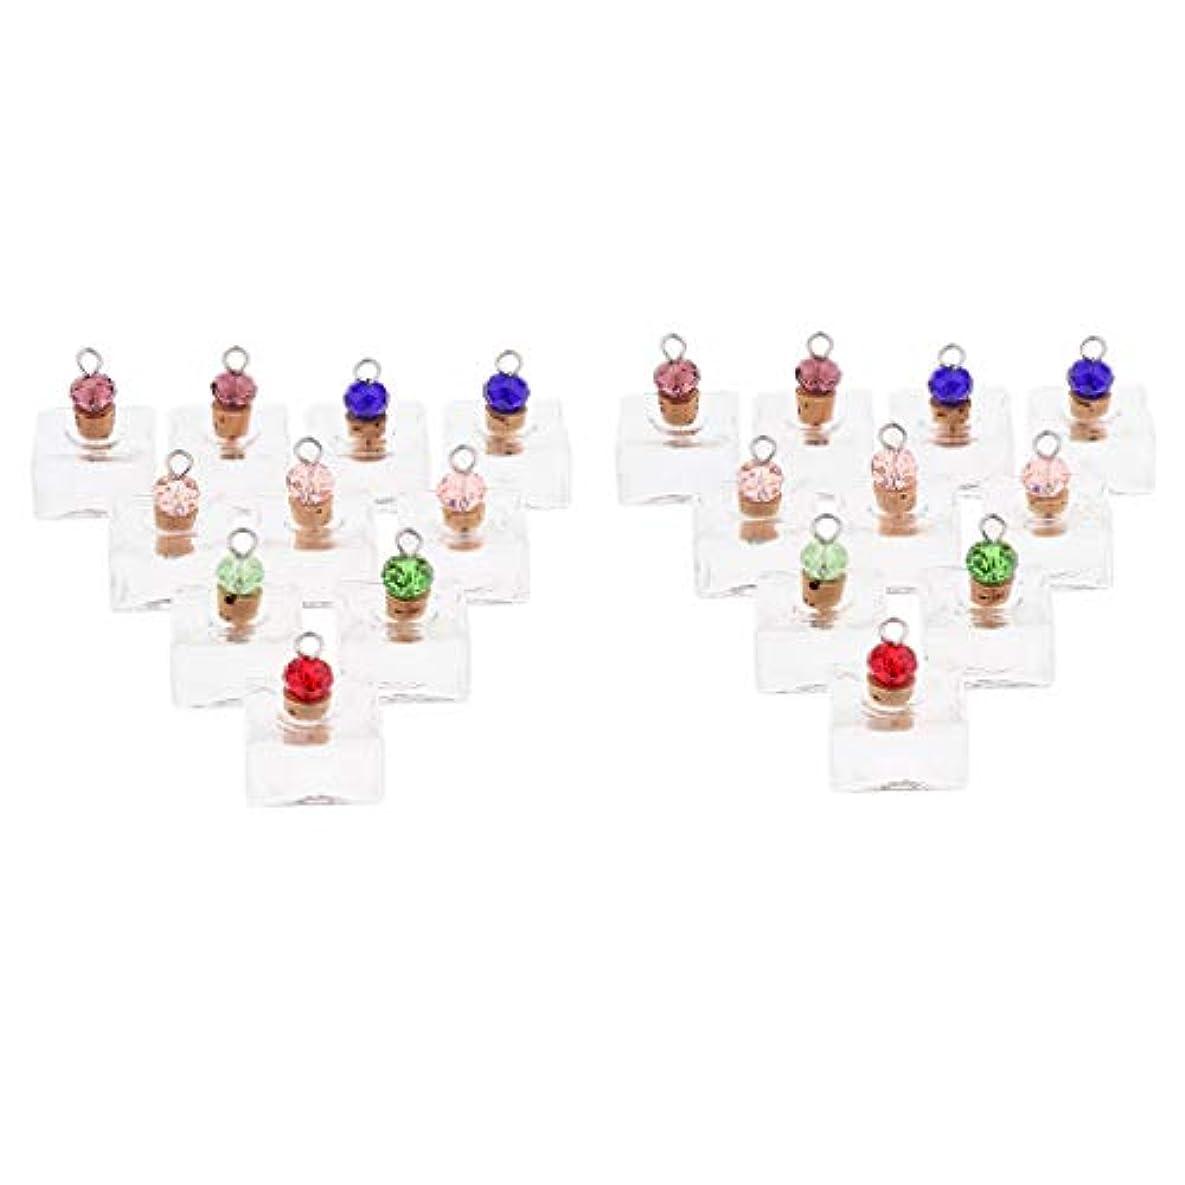 無条件暴露義務付けられた香水 ペンダント ネックレス アロマ ガラス容器 香水瓶 ボトル エッセンシャルオイル